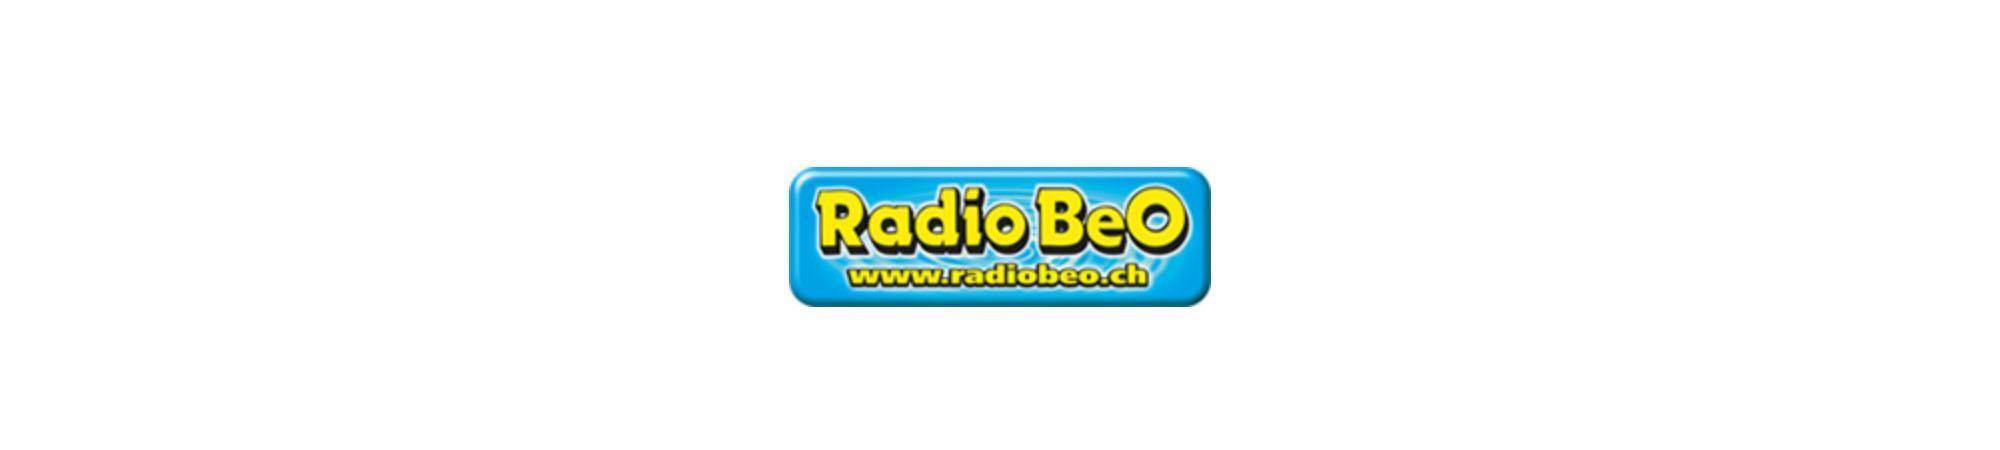 duvetsuisse-blog-radio-beo-masken-geschenkt-zu-jedem-einkauf-1